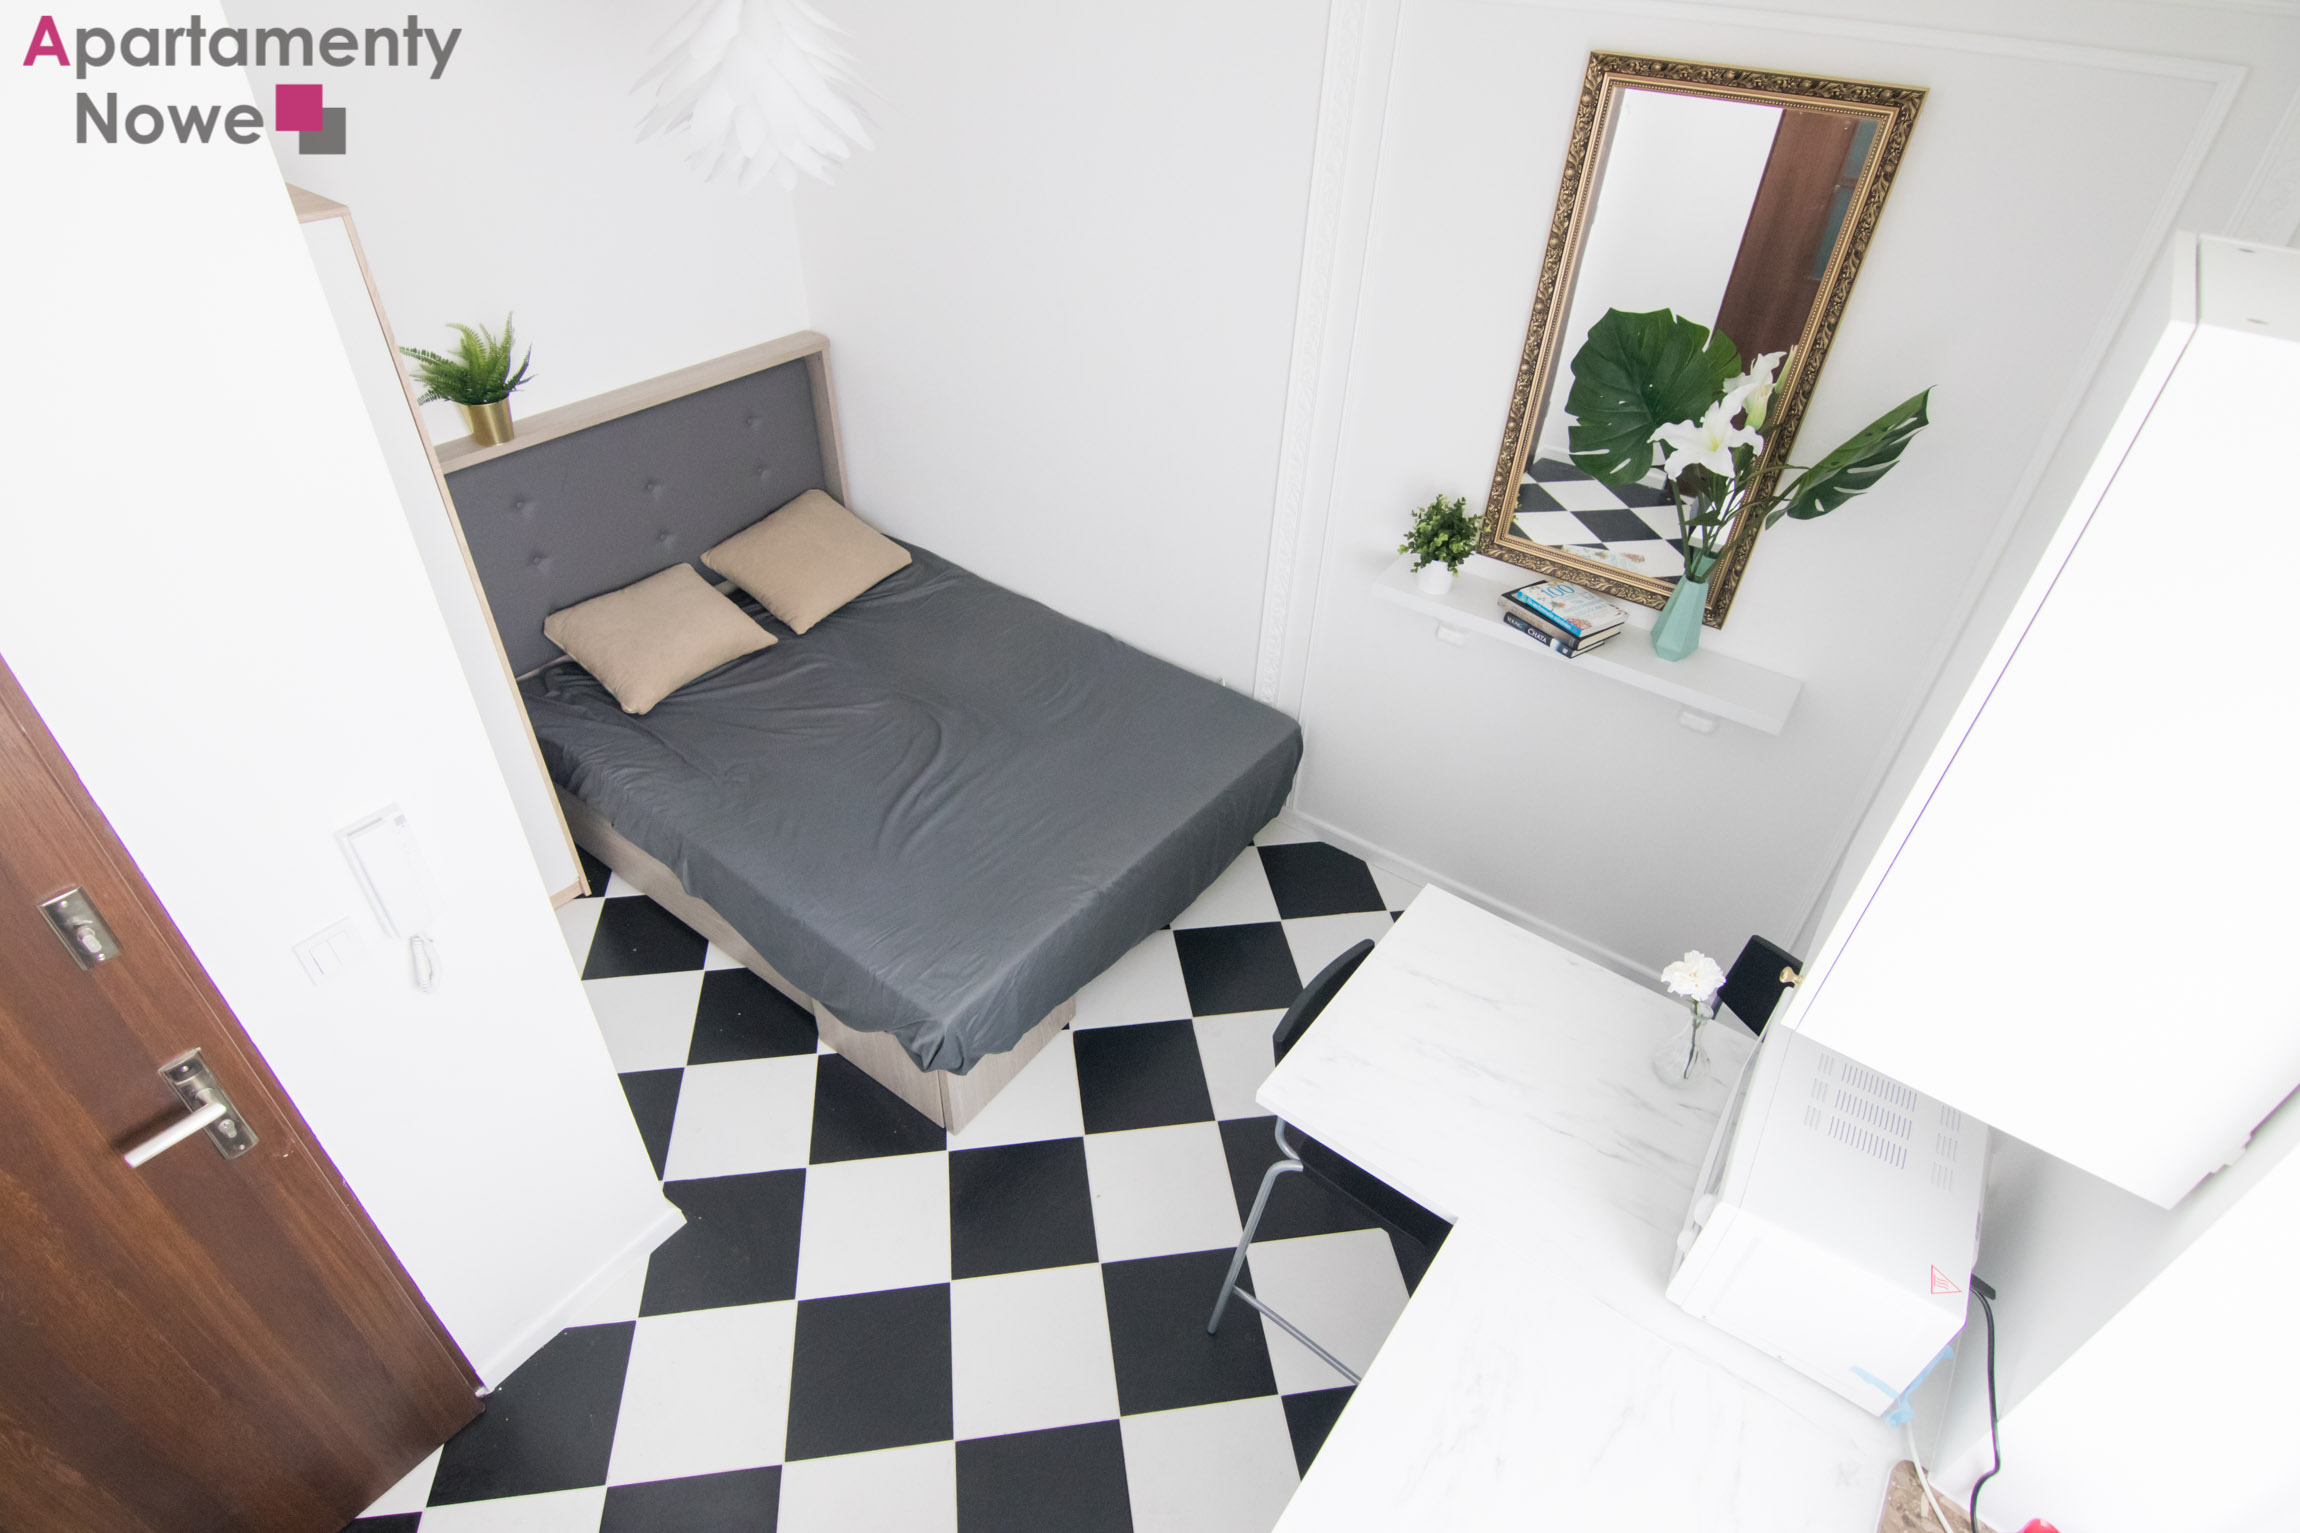 Nowy Przytulny Mini Apartament 15 Mkw W Pobliżu Stacji Pkp łobzów